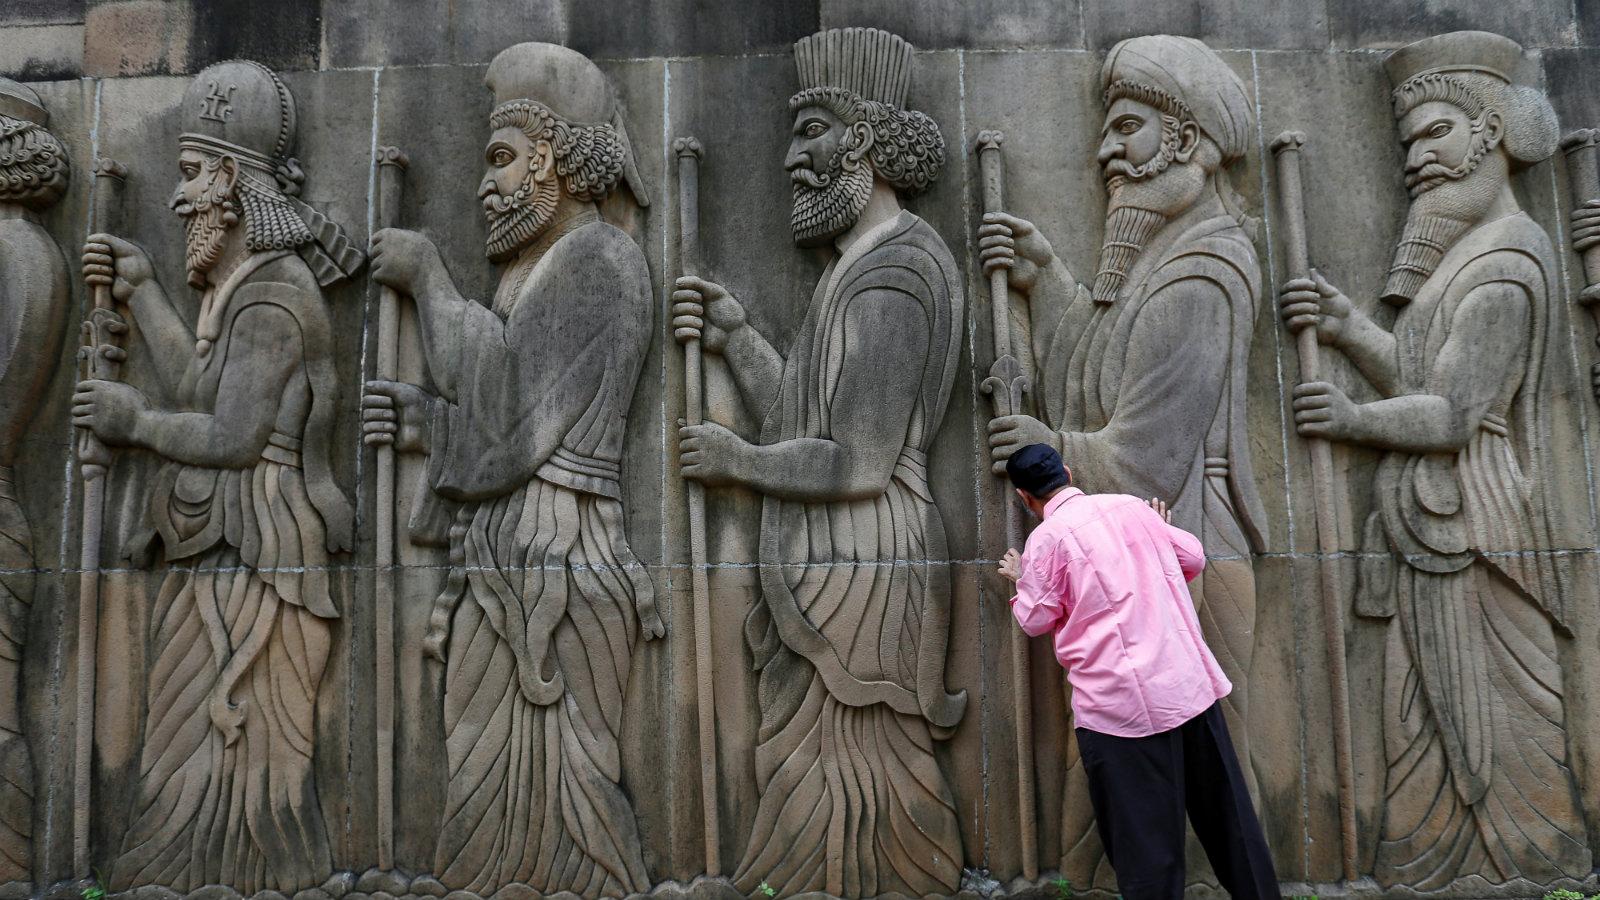 India-religion-spirituality